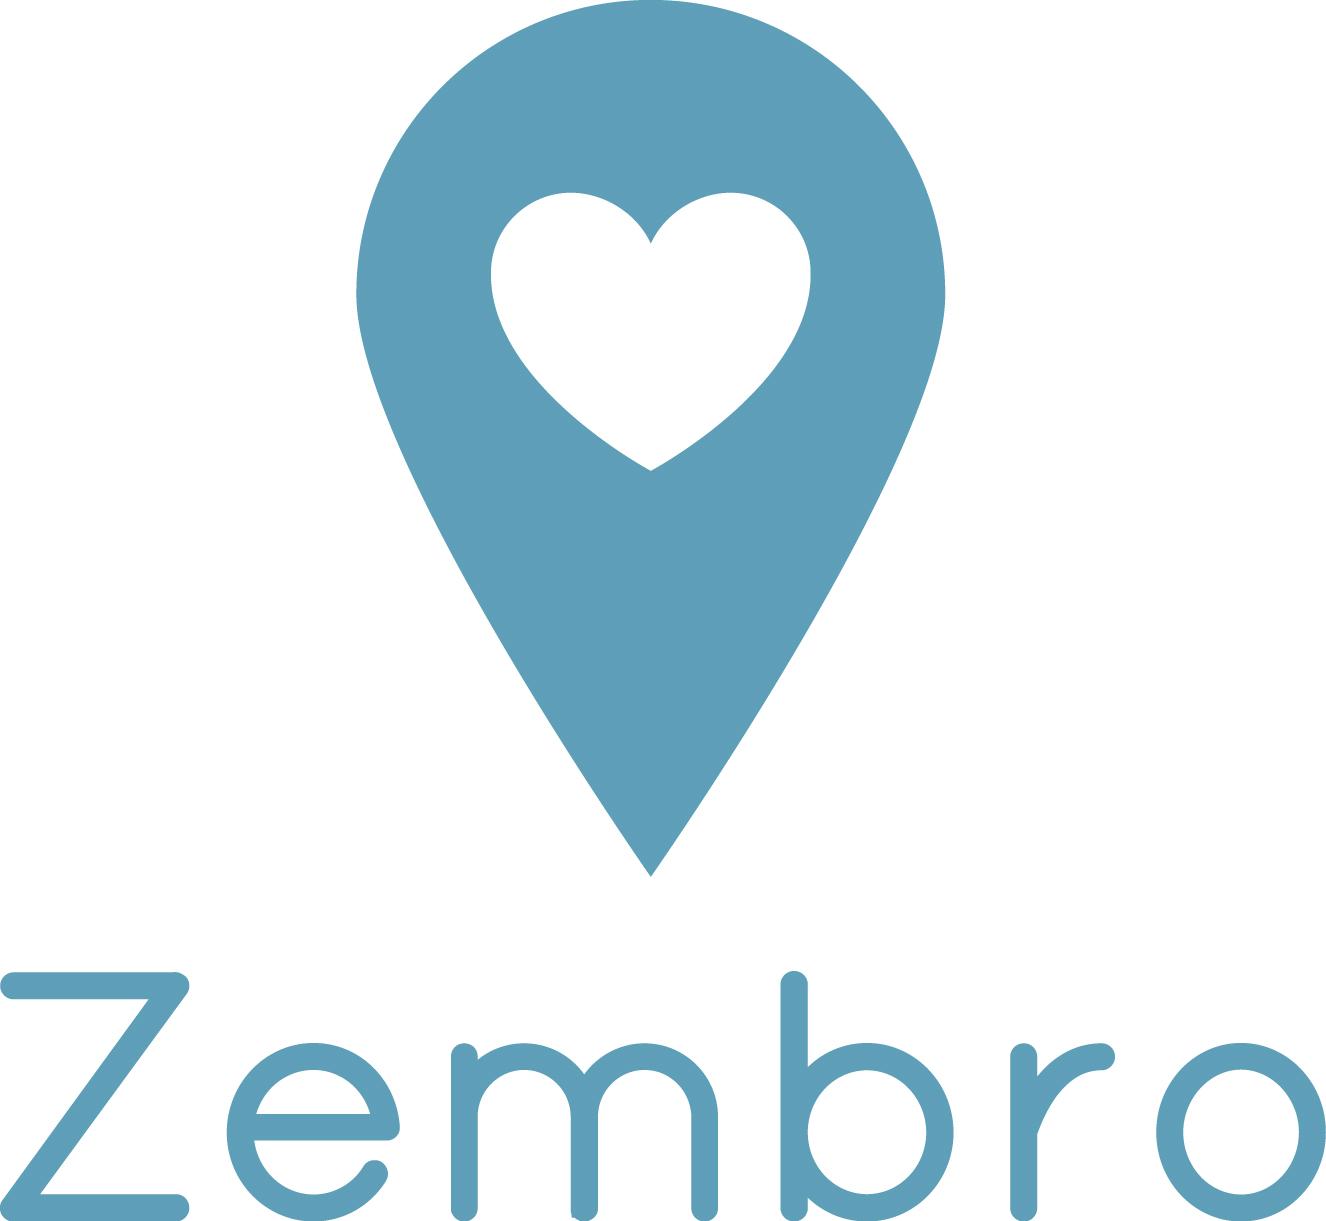 Zembro ist offizielles Mitglied der Initiative Hausnotruf auf dem Bundeskongress am 7. und 8. September in Berlin